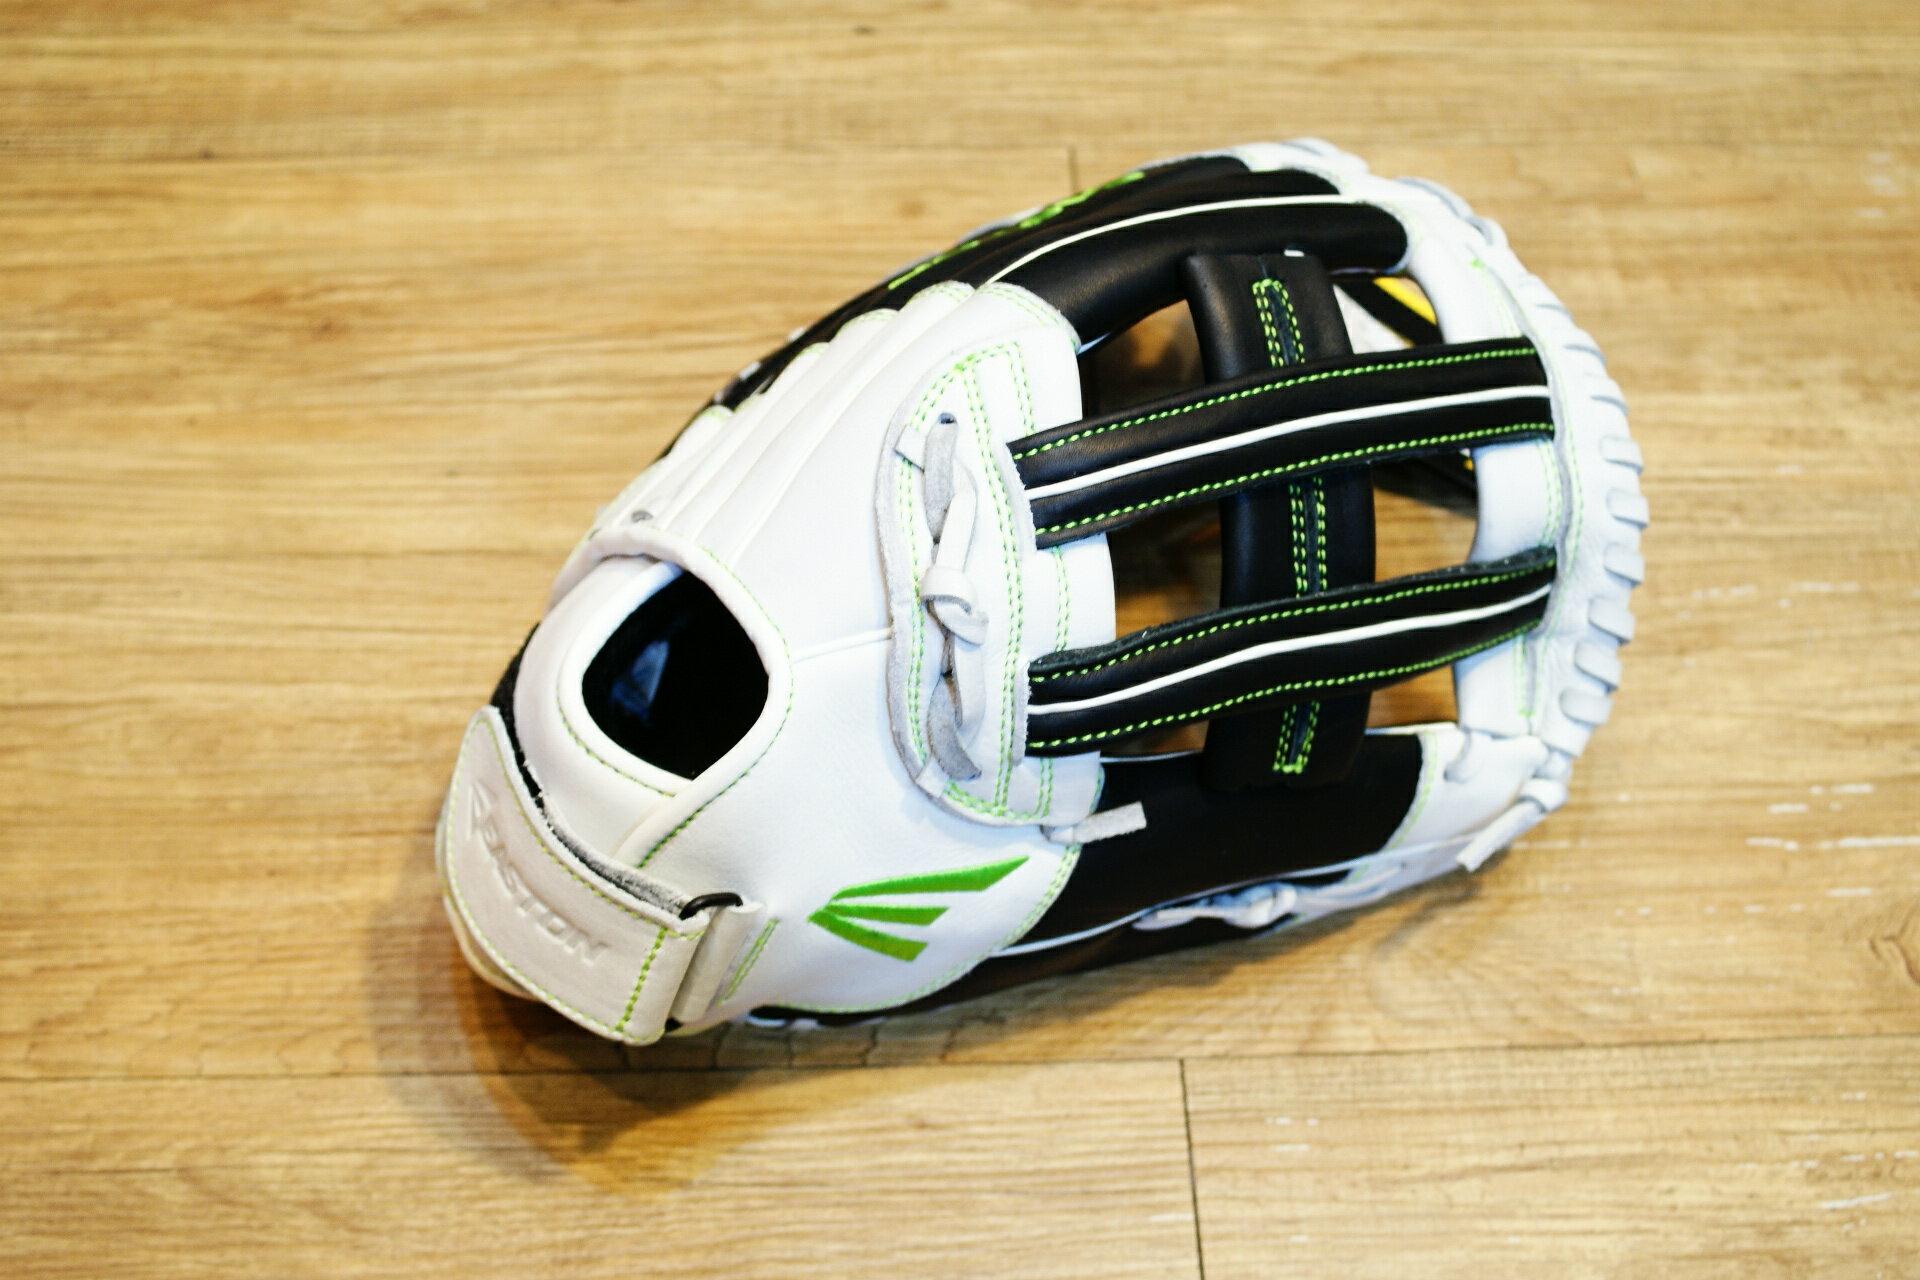 棒球世界 全新16年EASTON 美國進口牛皮外野手手套 特價 黑白配色